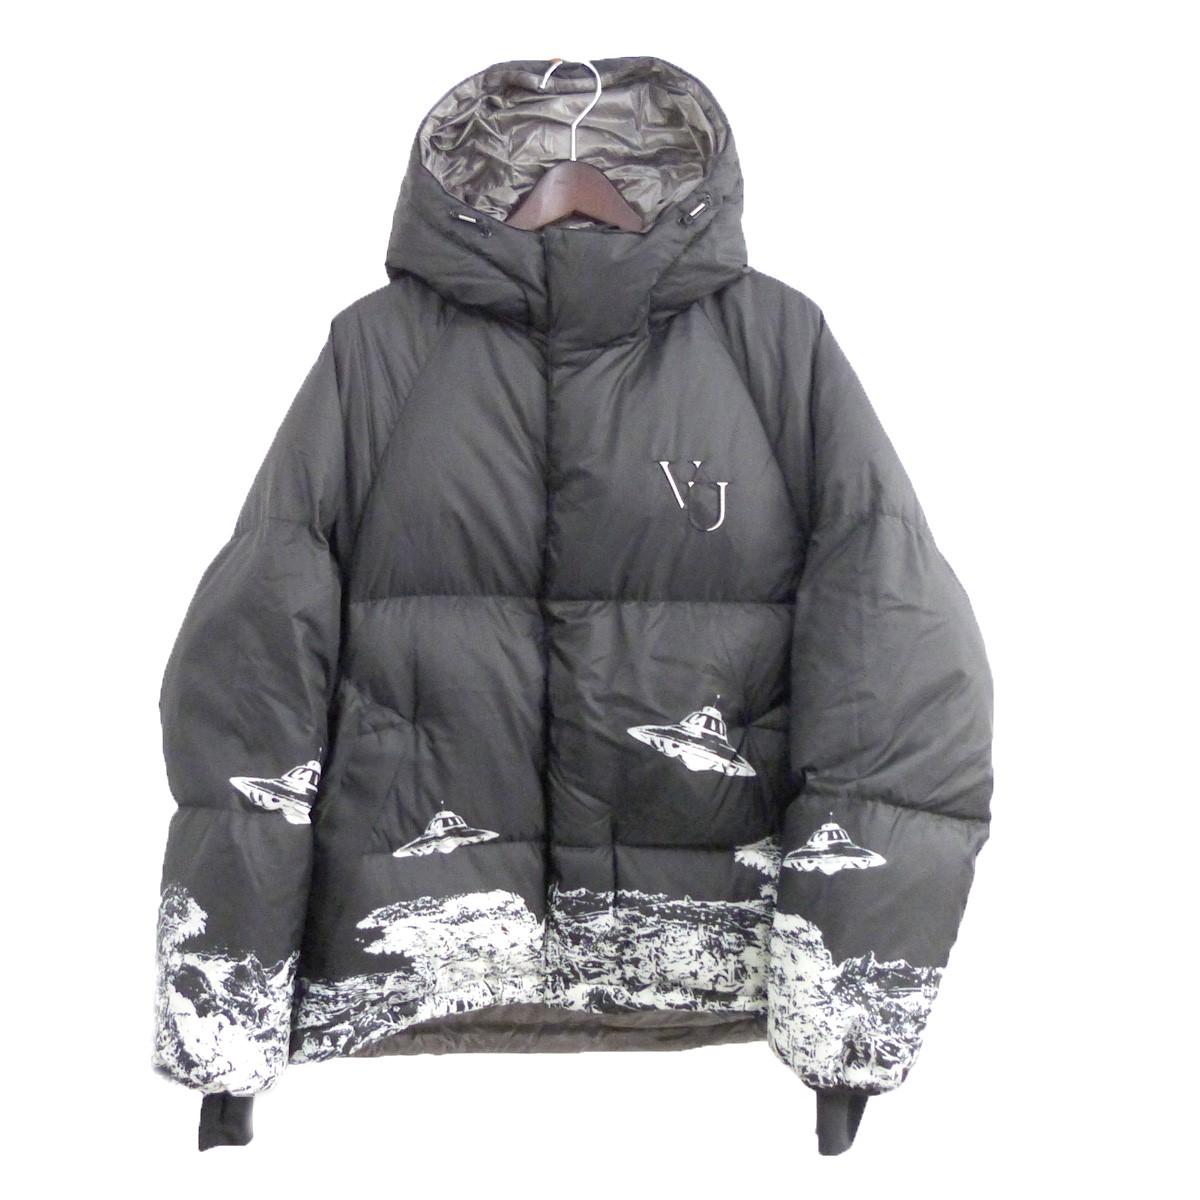 【中古】UNDER COVER×VALENTINO 19AW ダウンジャケット ブラック サイズ:2 【120820】(アンダーカバー ヴァレンチノ)